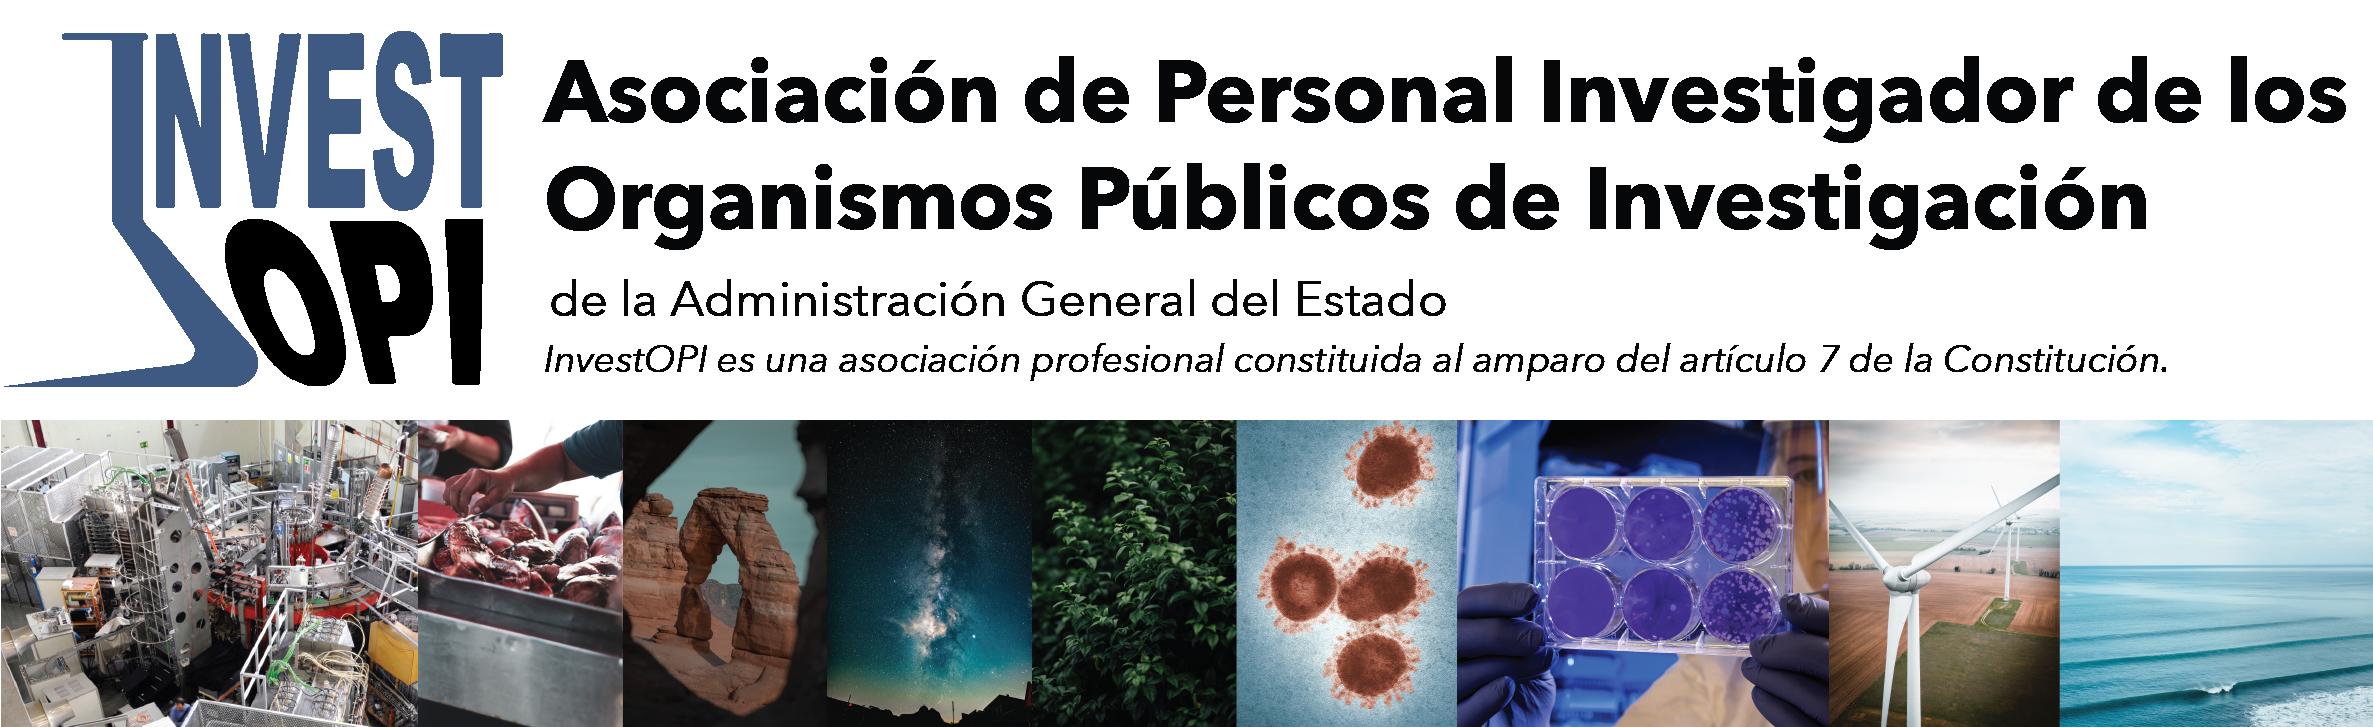 Asociación de Personal Investigador de Organismos Público - InvestOPI